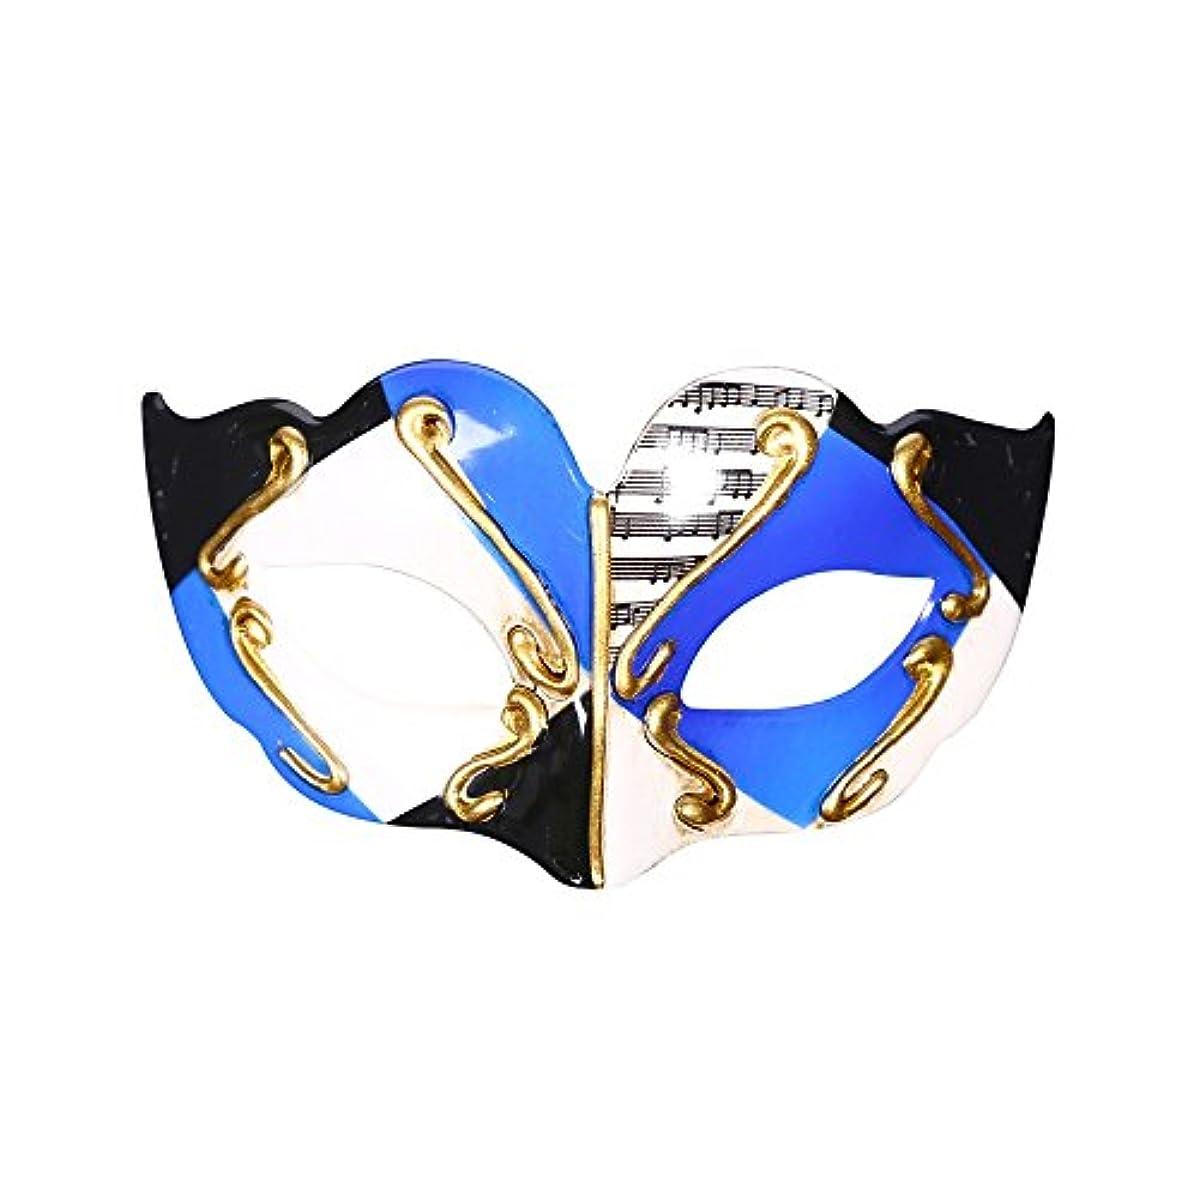 クスコ推進力驚いたことにハロウィーン仮装マスクフラットヘッドハーフフェイスハードプラスチック子供用マスク (Color : #3)